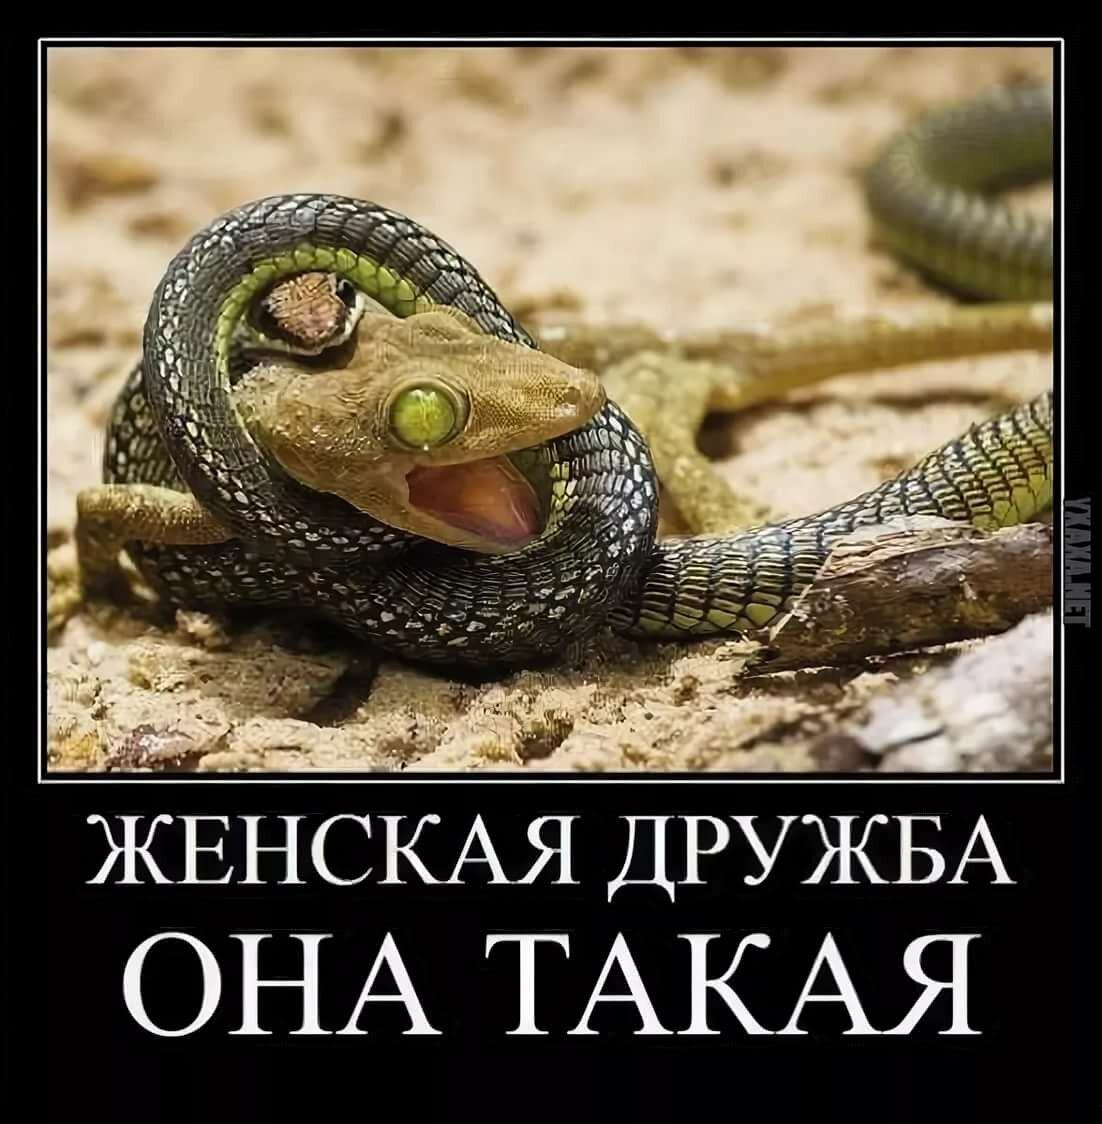 проверенных склочный коллектив картинка со змеями нет